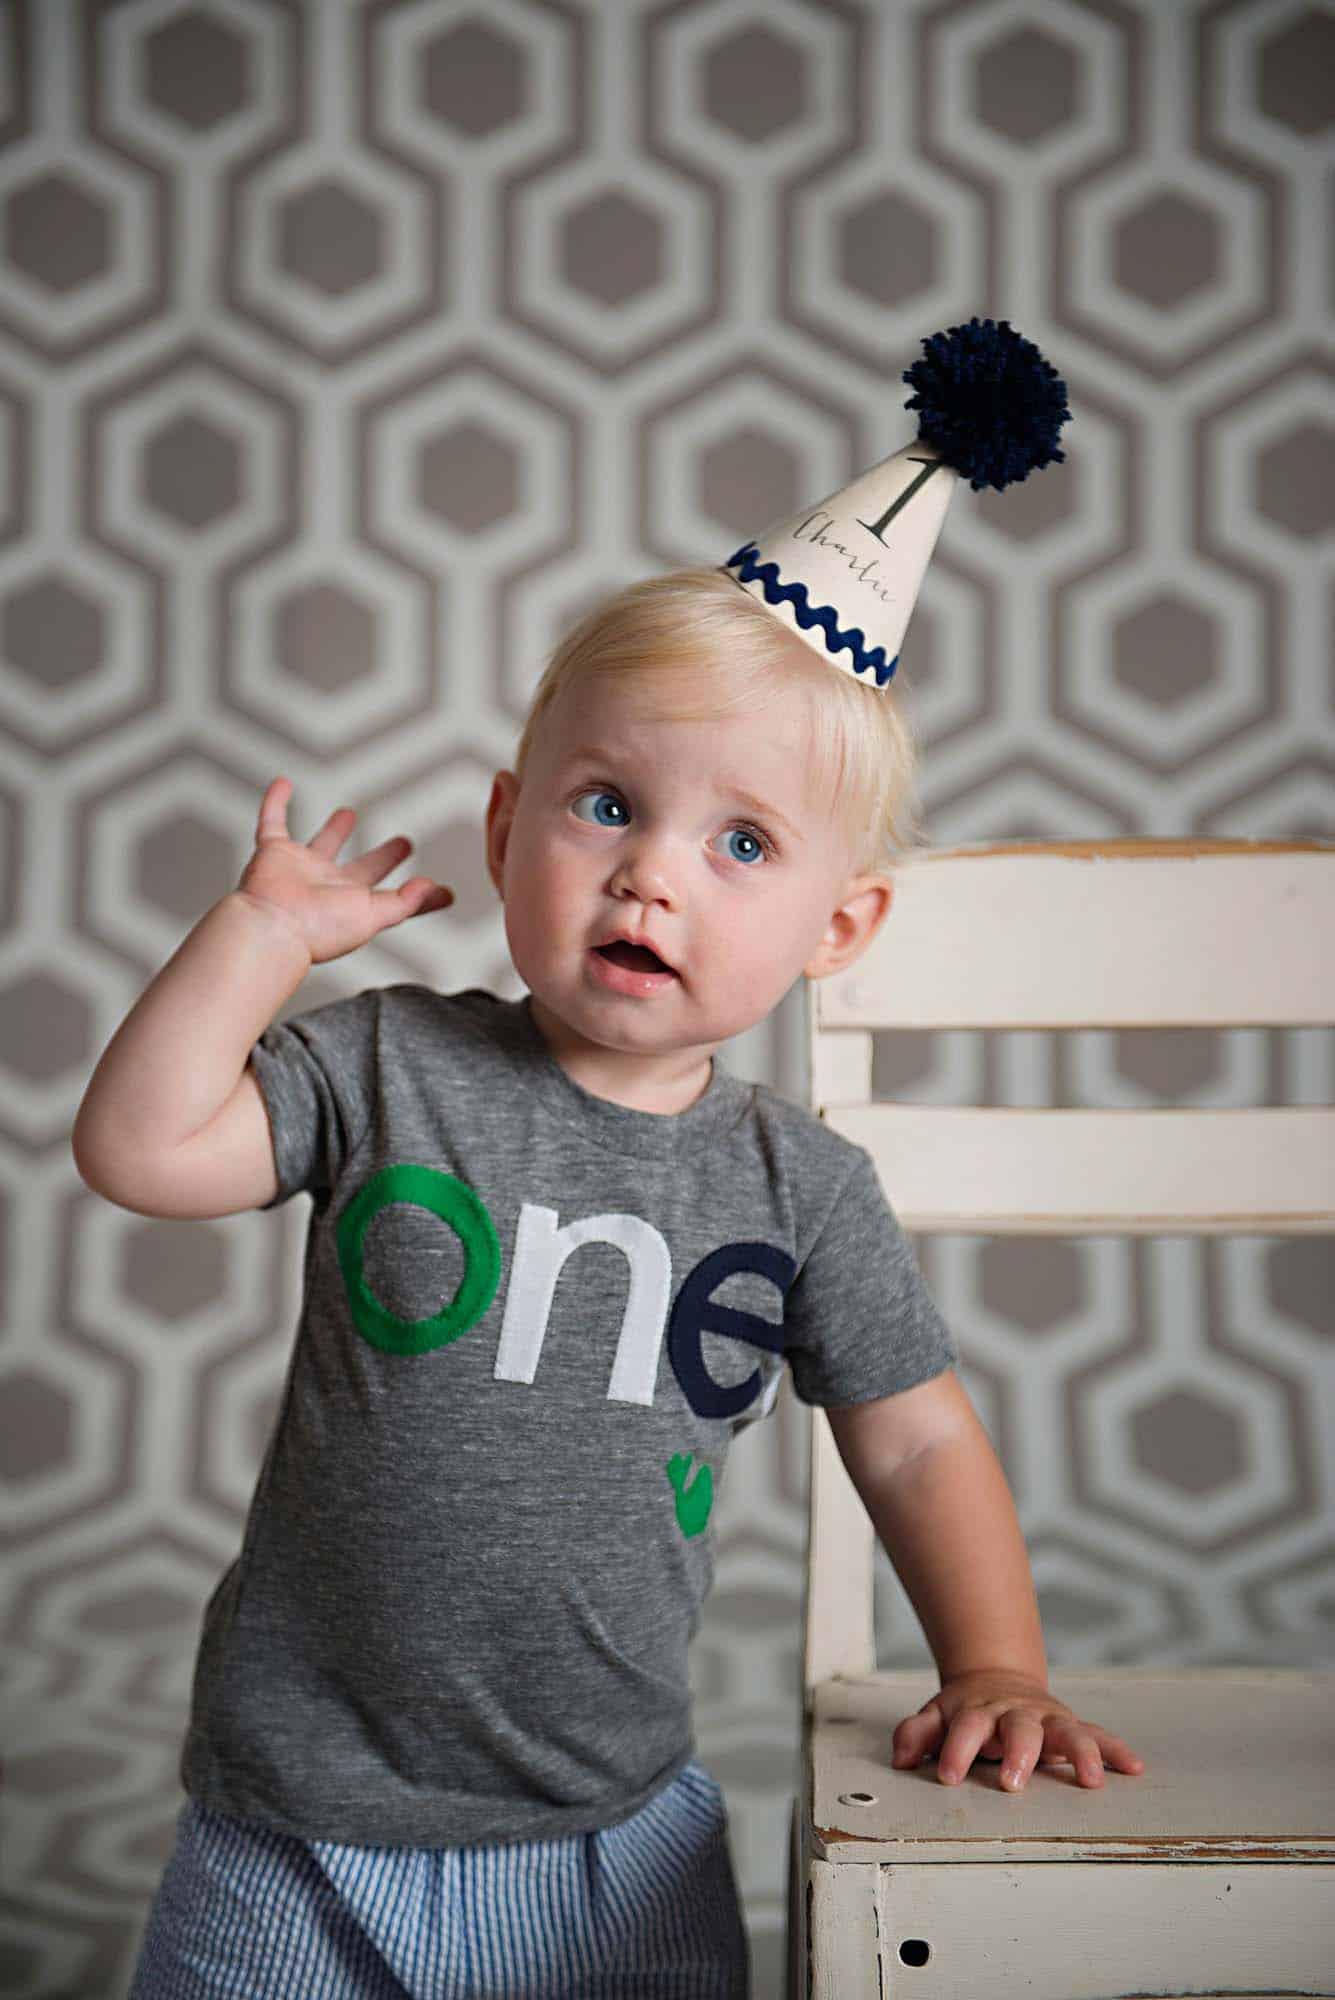 epagaFOTO kansas city documentary photography trending babys first year newborn photoshoot charlieone006